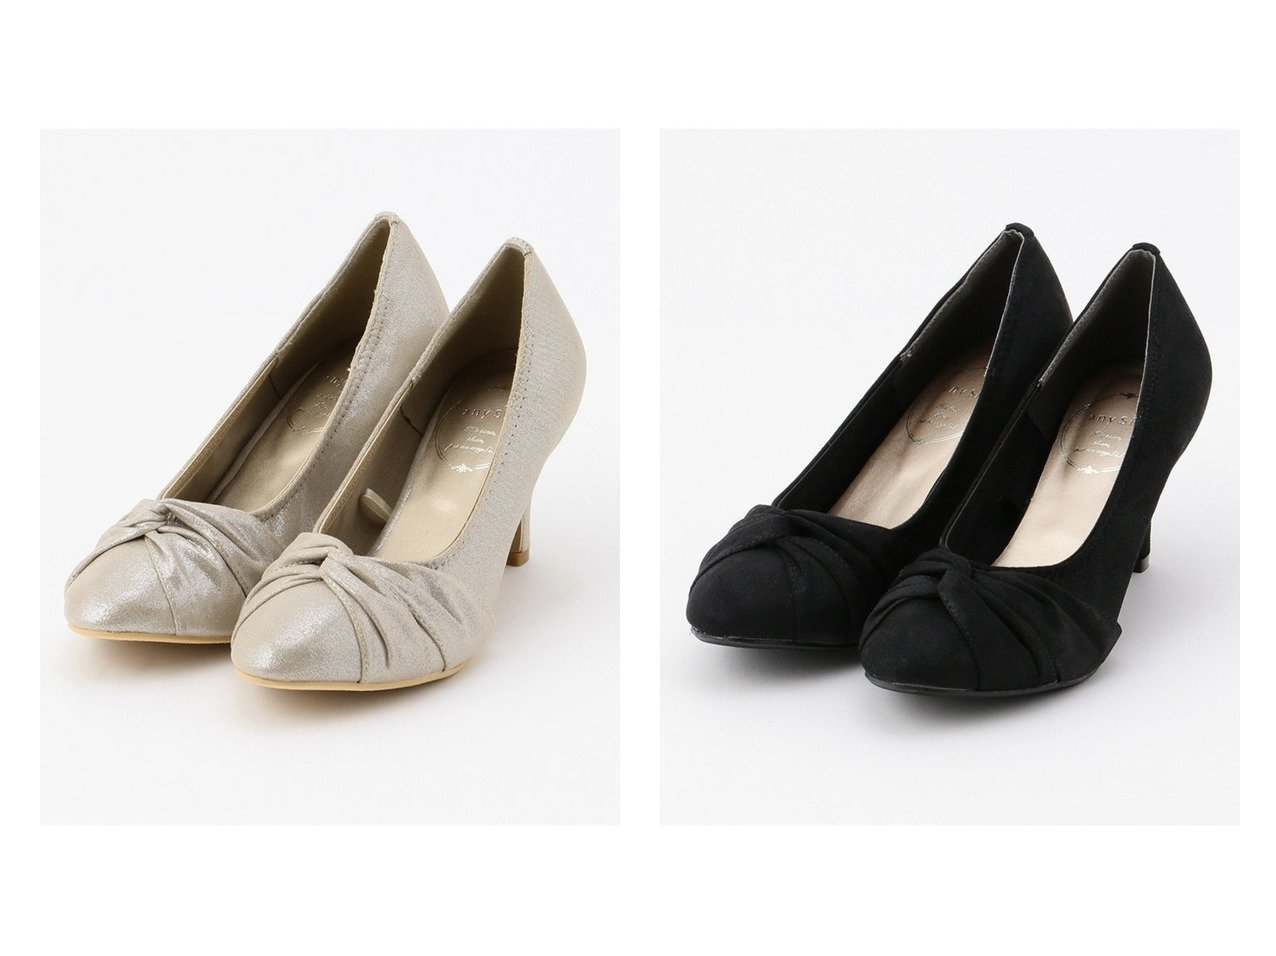 【any SiS/エニィ スィス】のクロスギャザー パンプス 【シューズ・靴】おすすめ!人気、トレンド・レディースファッションの通販 おすすめで人気の流行・トレンド、ファッションの通販商品 メンズファッション・キッズファッション・インテリア・家具・レディースファッション・服の通販 founy(ファニー) https://founy.com/ ファッション Fashion レディースファッション WOMEN ギャザー シューズ ツイスト パーティ リボン |ID:crp329100000029194